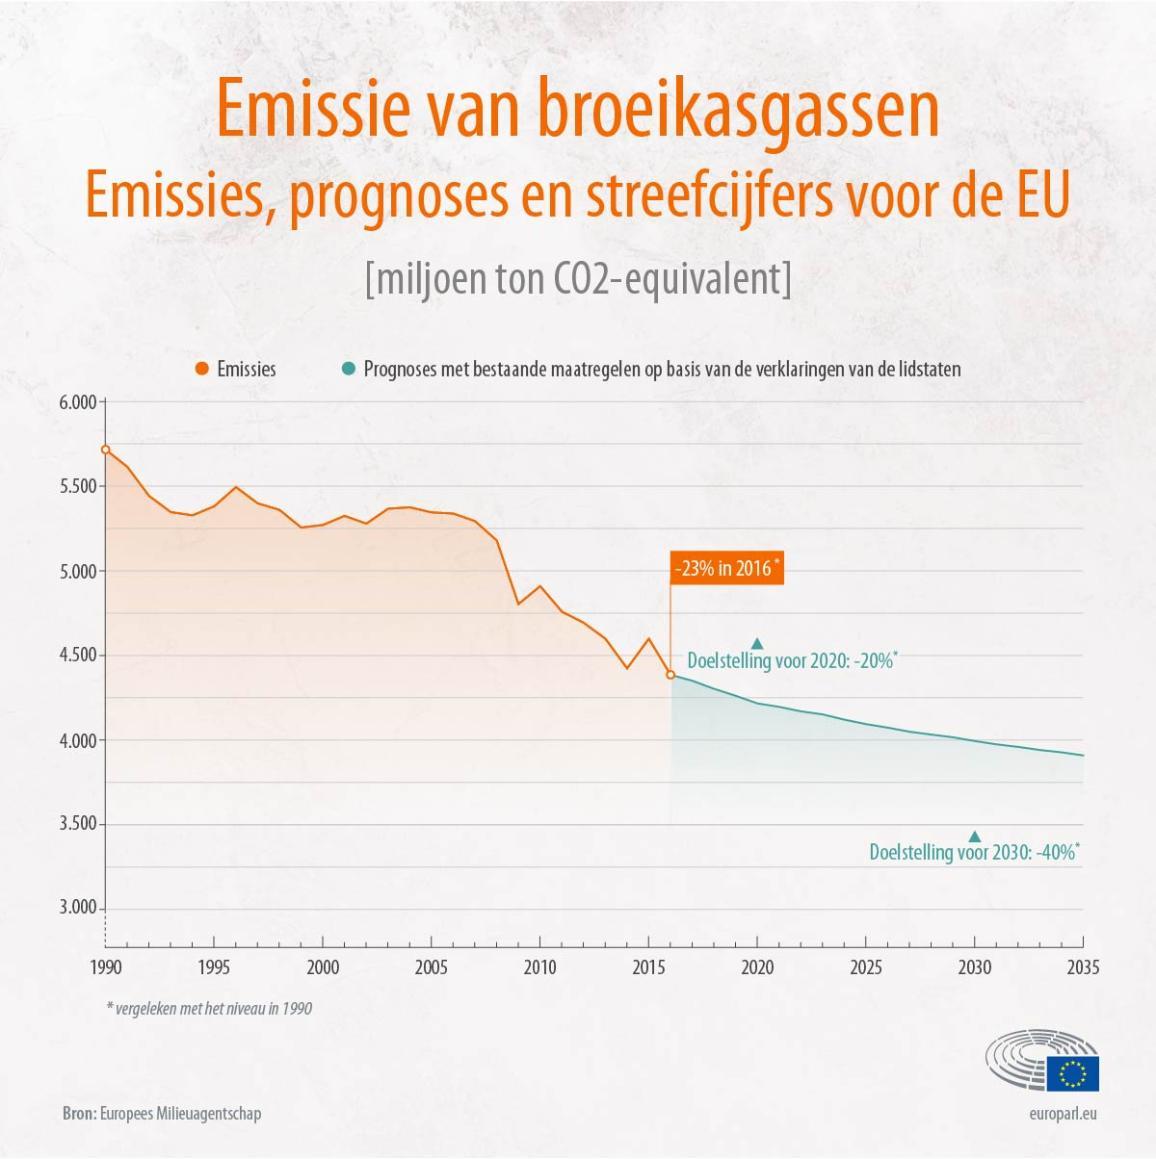 Ligt de EU op schema om haar doelstellingen te halen?